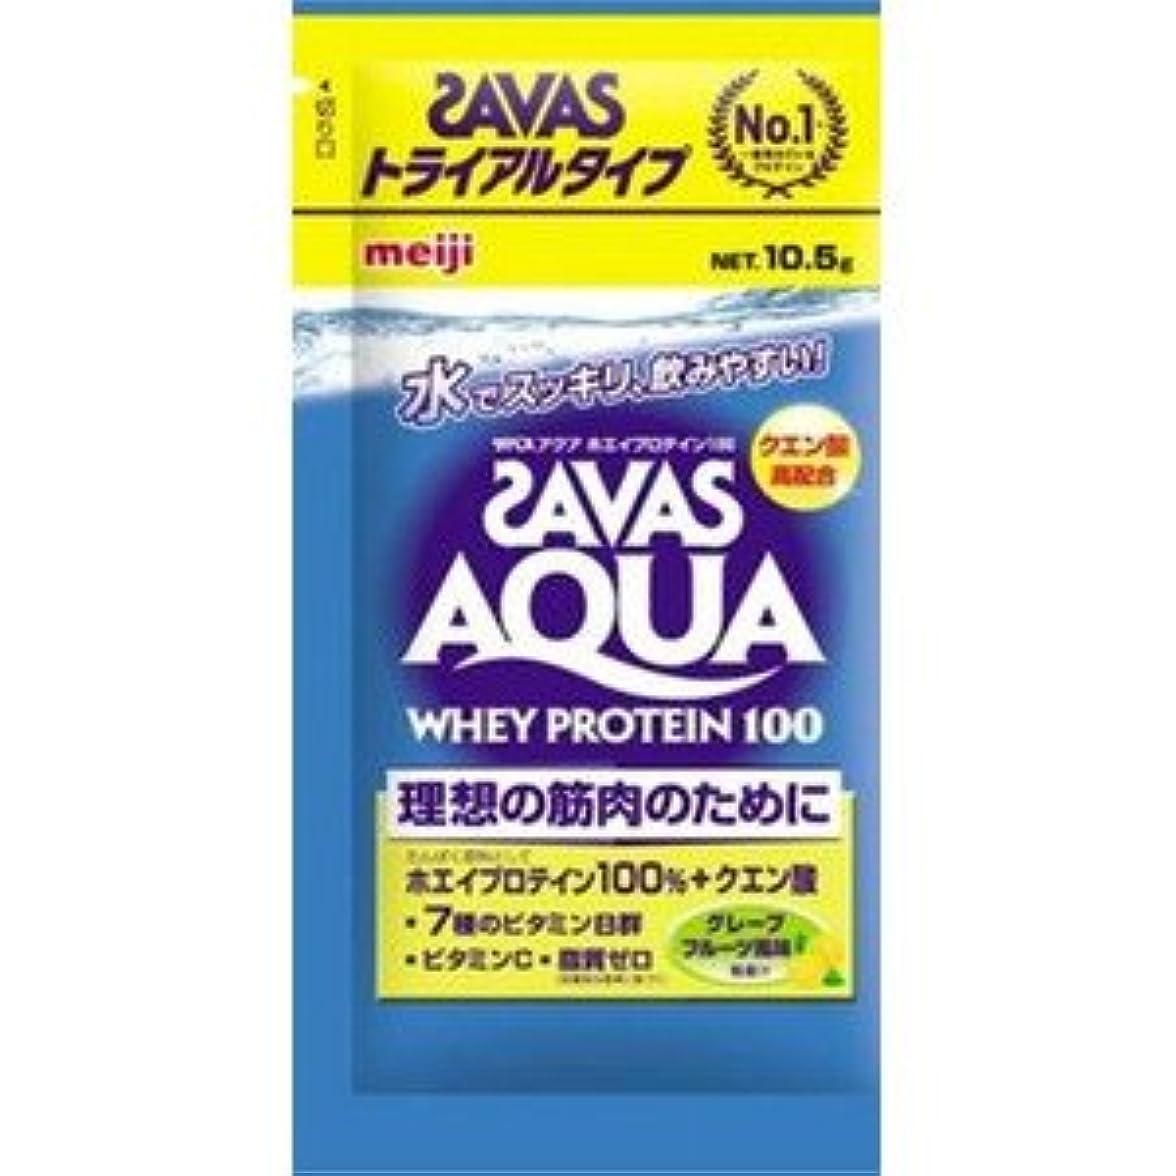 センチメートルベーシックインレイ(ロート製薬)肌研 極潤ヒアルロン洗顔フォーム 100g(お買い得3本セット)